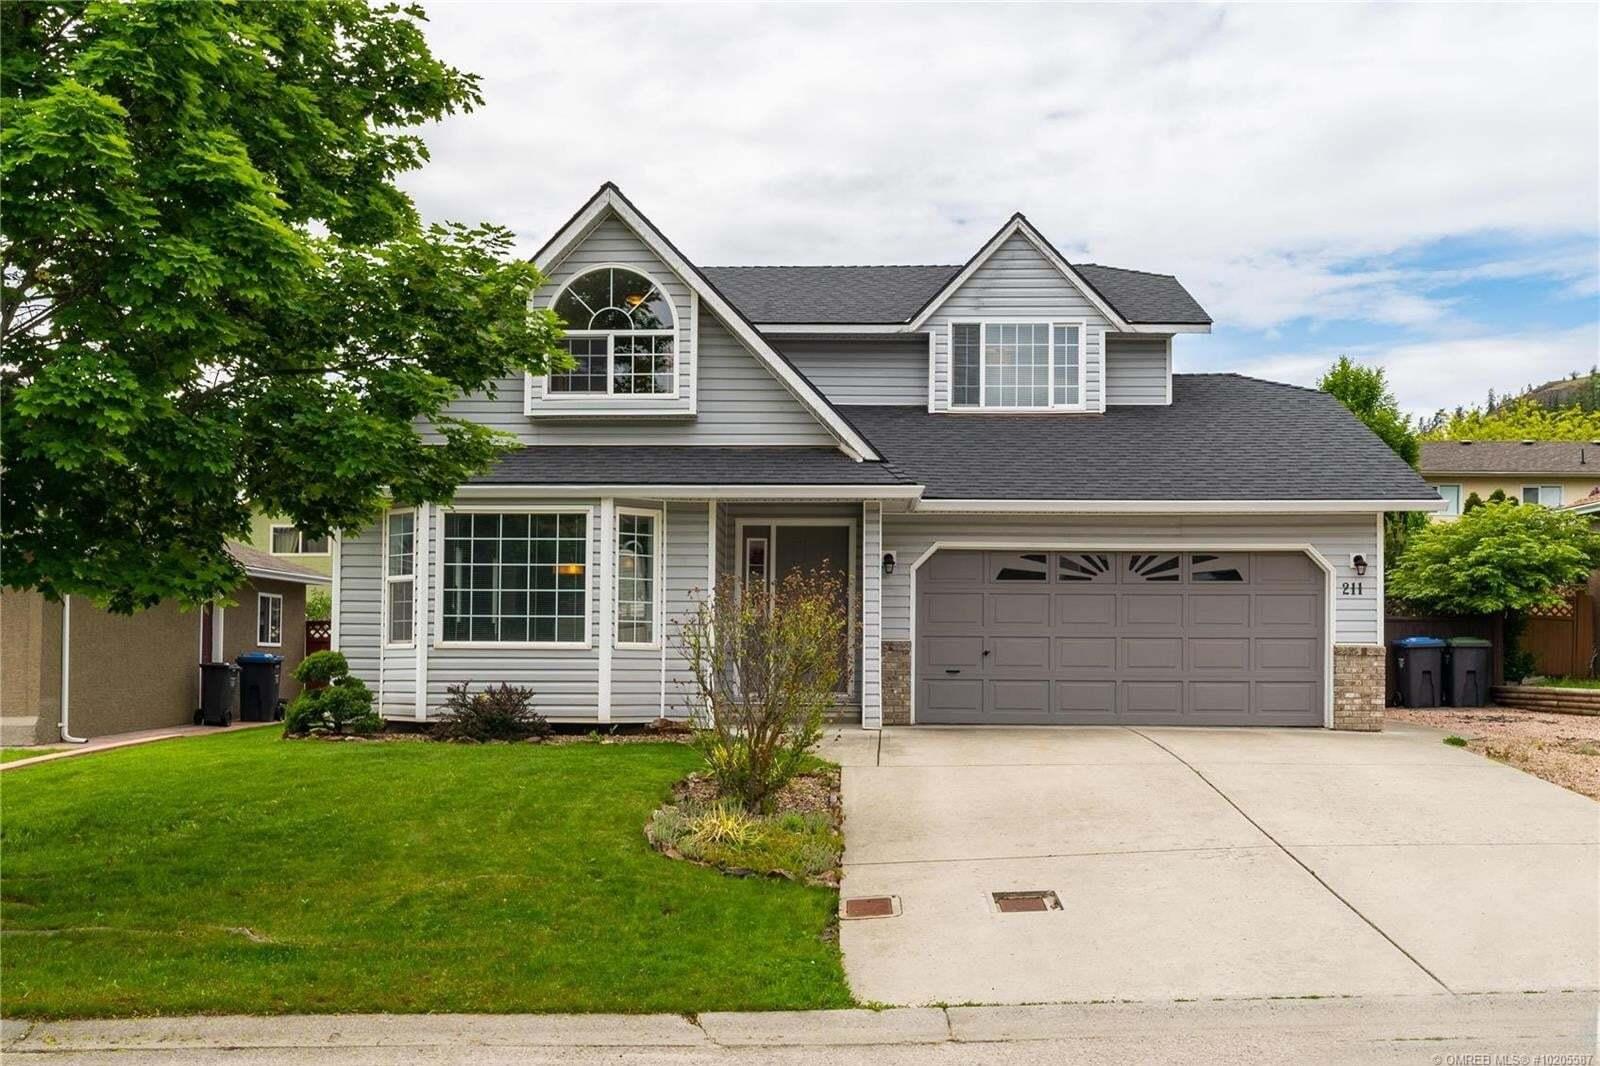 House for sale at 211 Crossridge Cres Kelowna British Columbia - MLS: 10205587